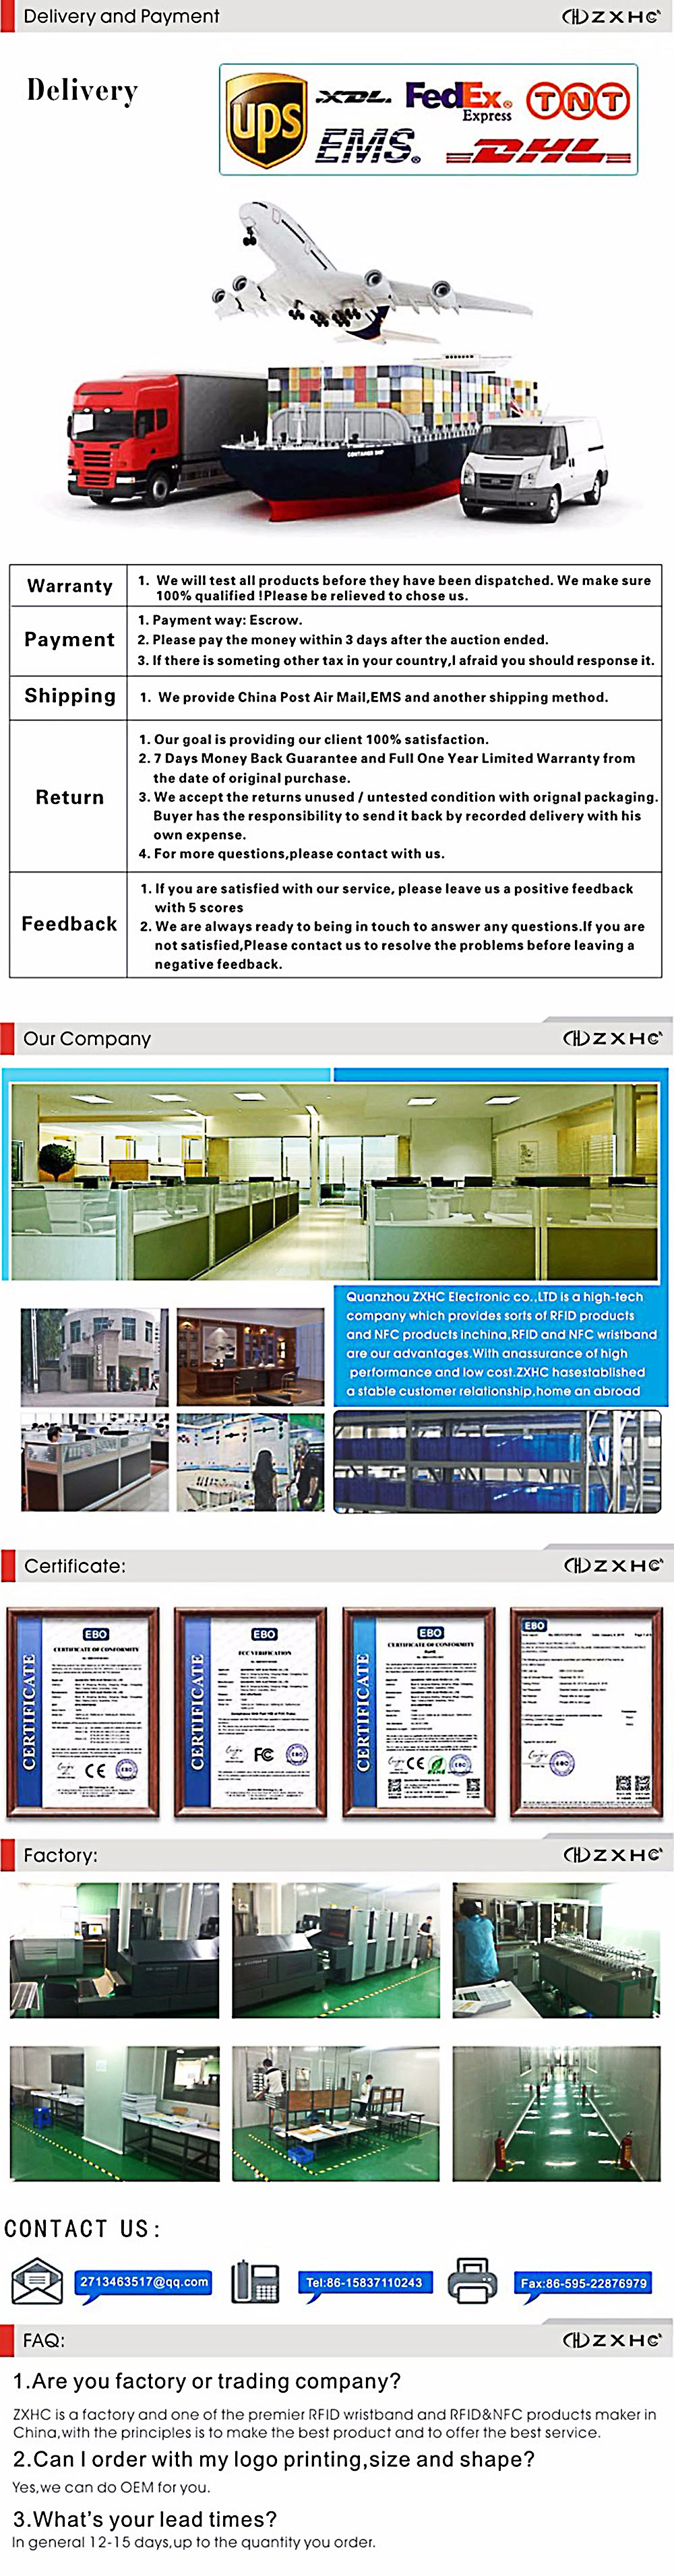 10 шт. длинный диапазон RFID UHF тег стикер влажная инкрустация 860-960mhz Alien H3 EPC Global Gen2 ISO18000-6C